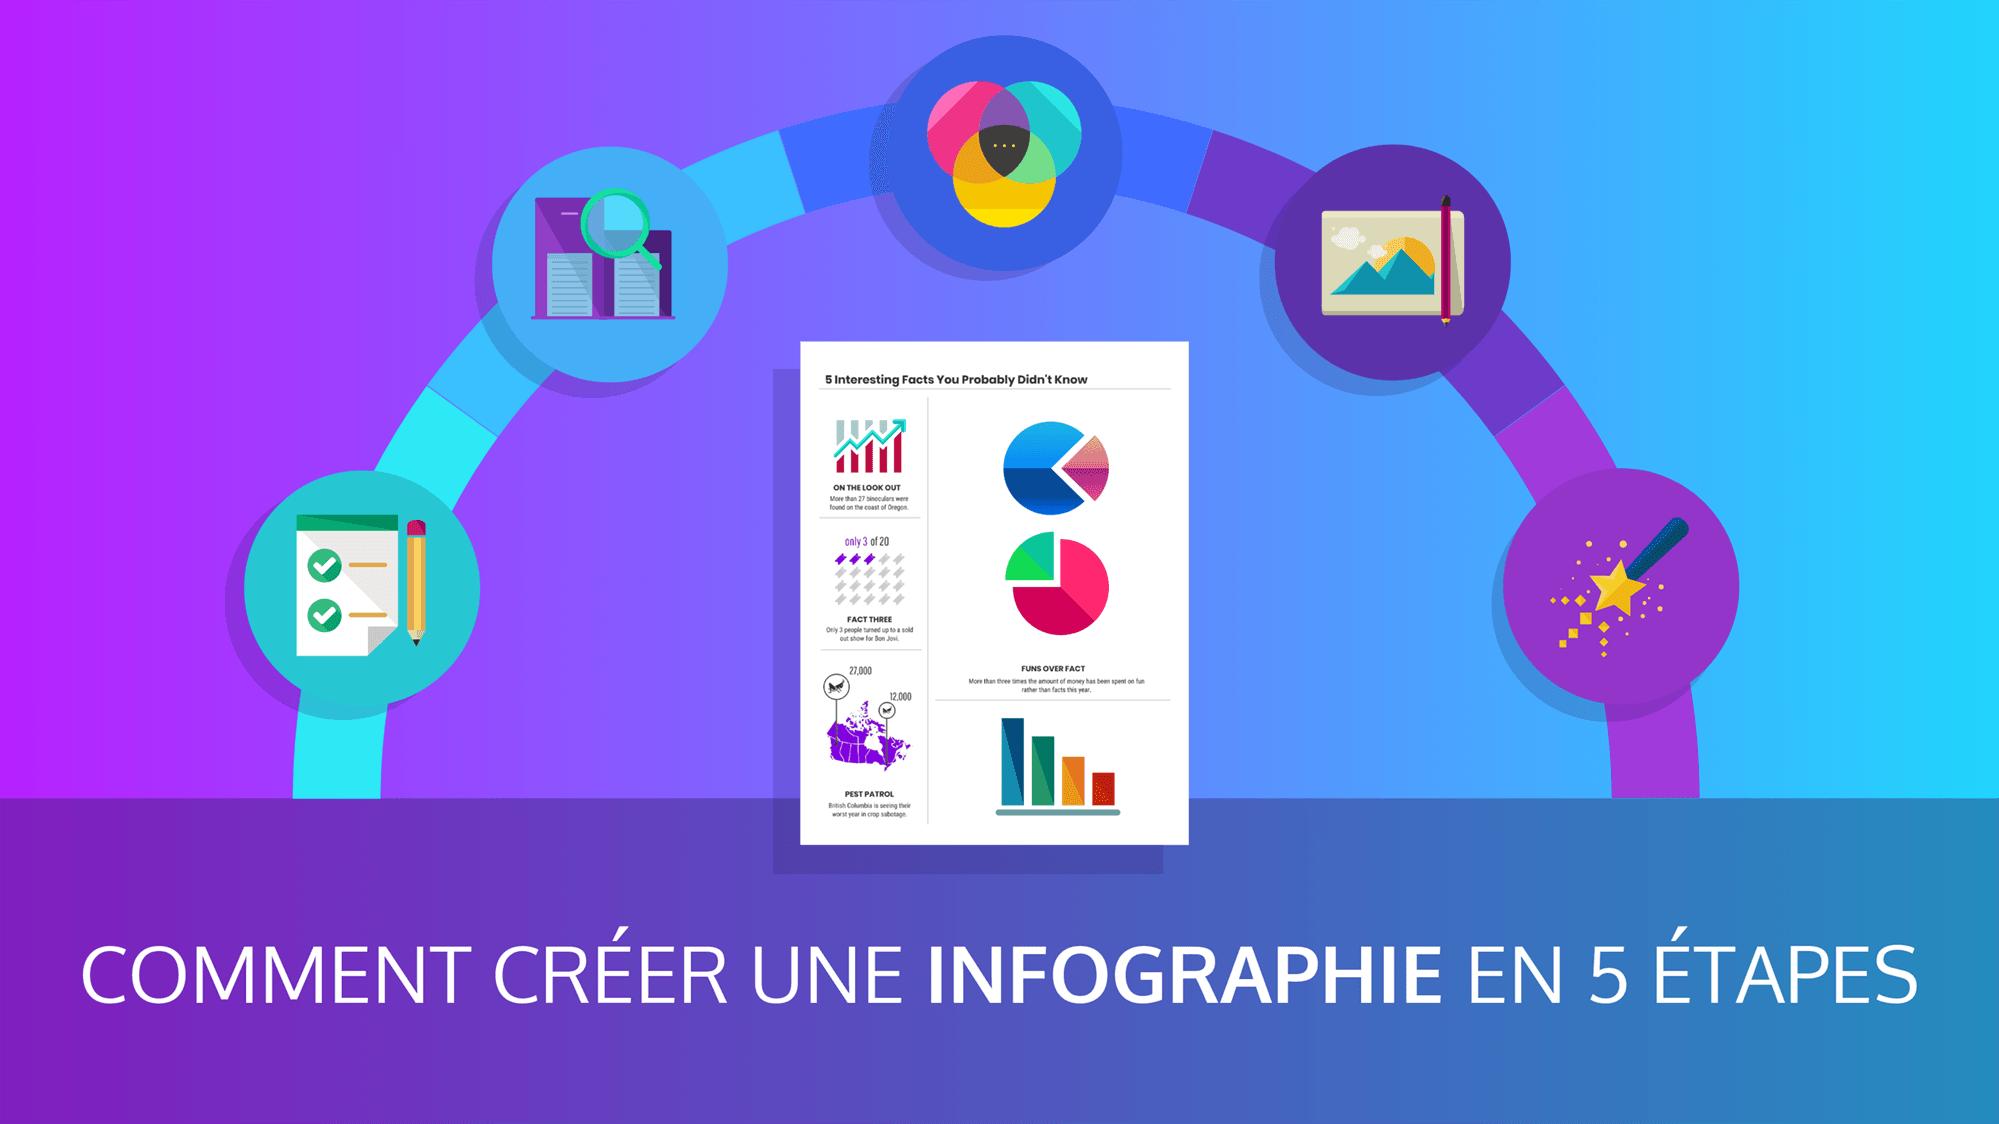 Comment Creer Une Infographie En 5 Etapes